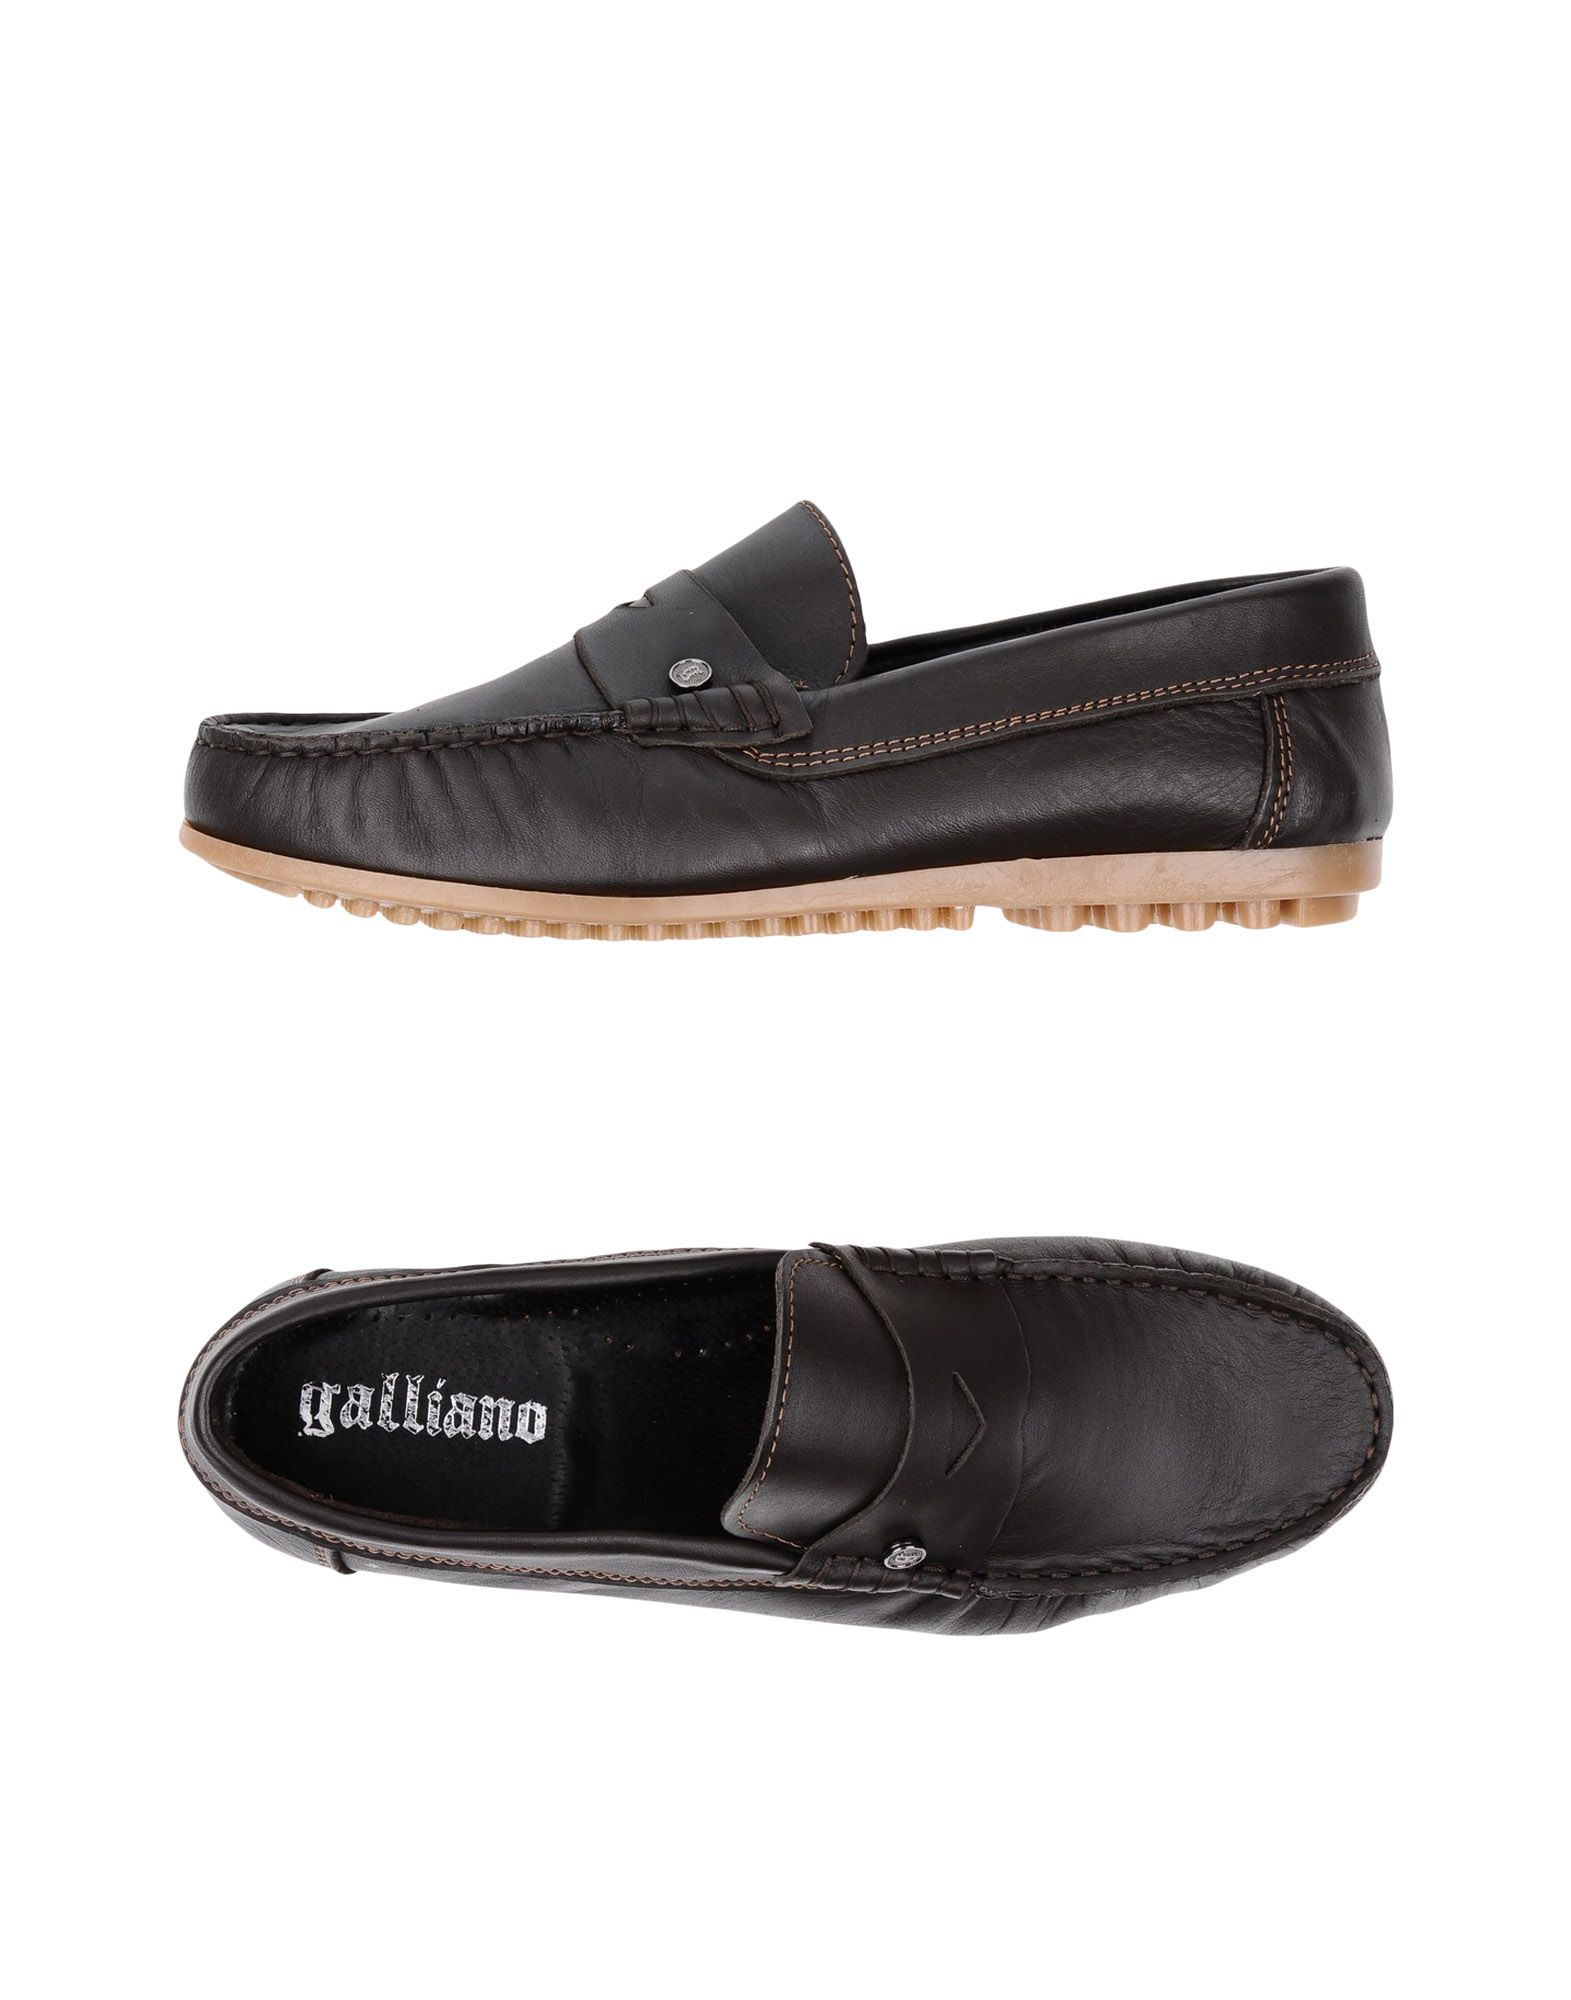 Rabatt echte Schuhe Schuhe echte Galliano Mokassins Herren  11336141XV 347ad0